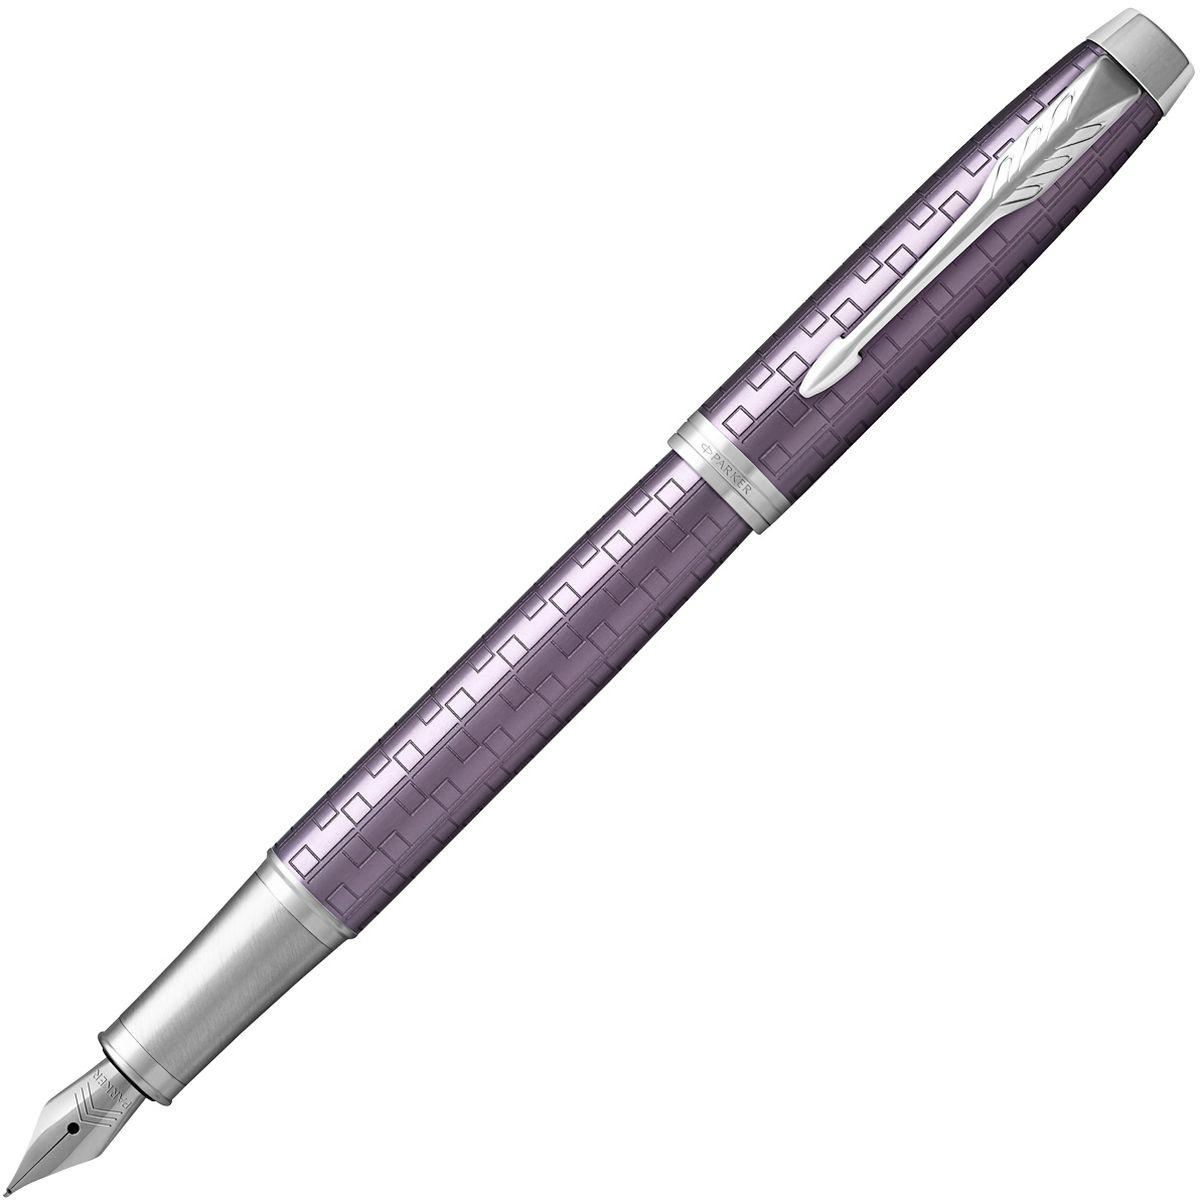 Parker Ручка перьевая IM Premium Dark Violet CTPARKER-1931636Материал корпуса: Фиолетовый анодированный алюминий с фирменным рисунком.Покрытие корпуса: Корпус из анодированного алюминия с выгравированными оригинальными графическими узорами, хромовое покрытие.Материал отделки деталей корпуса: Хромированная латунь.Перо: Нержавеющая сталь.Способ подачи стержня: колпачок.Вложение: 1 картридж.Сделано в Китае.Аналог PARKER-S0949760